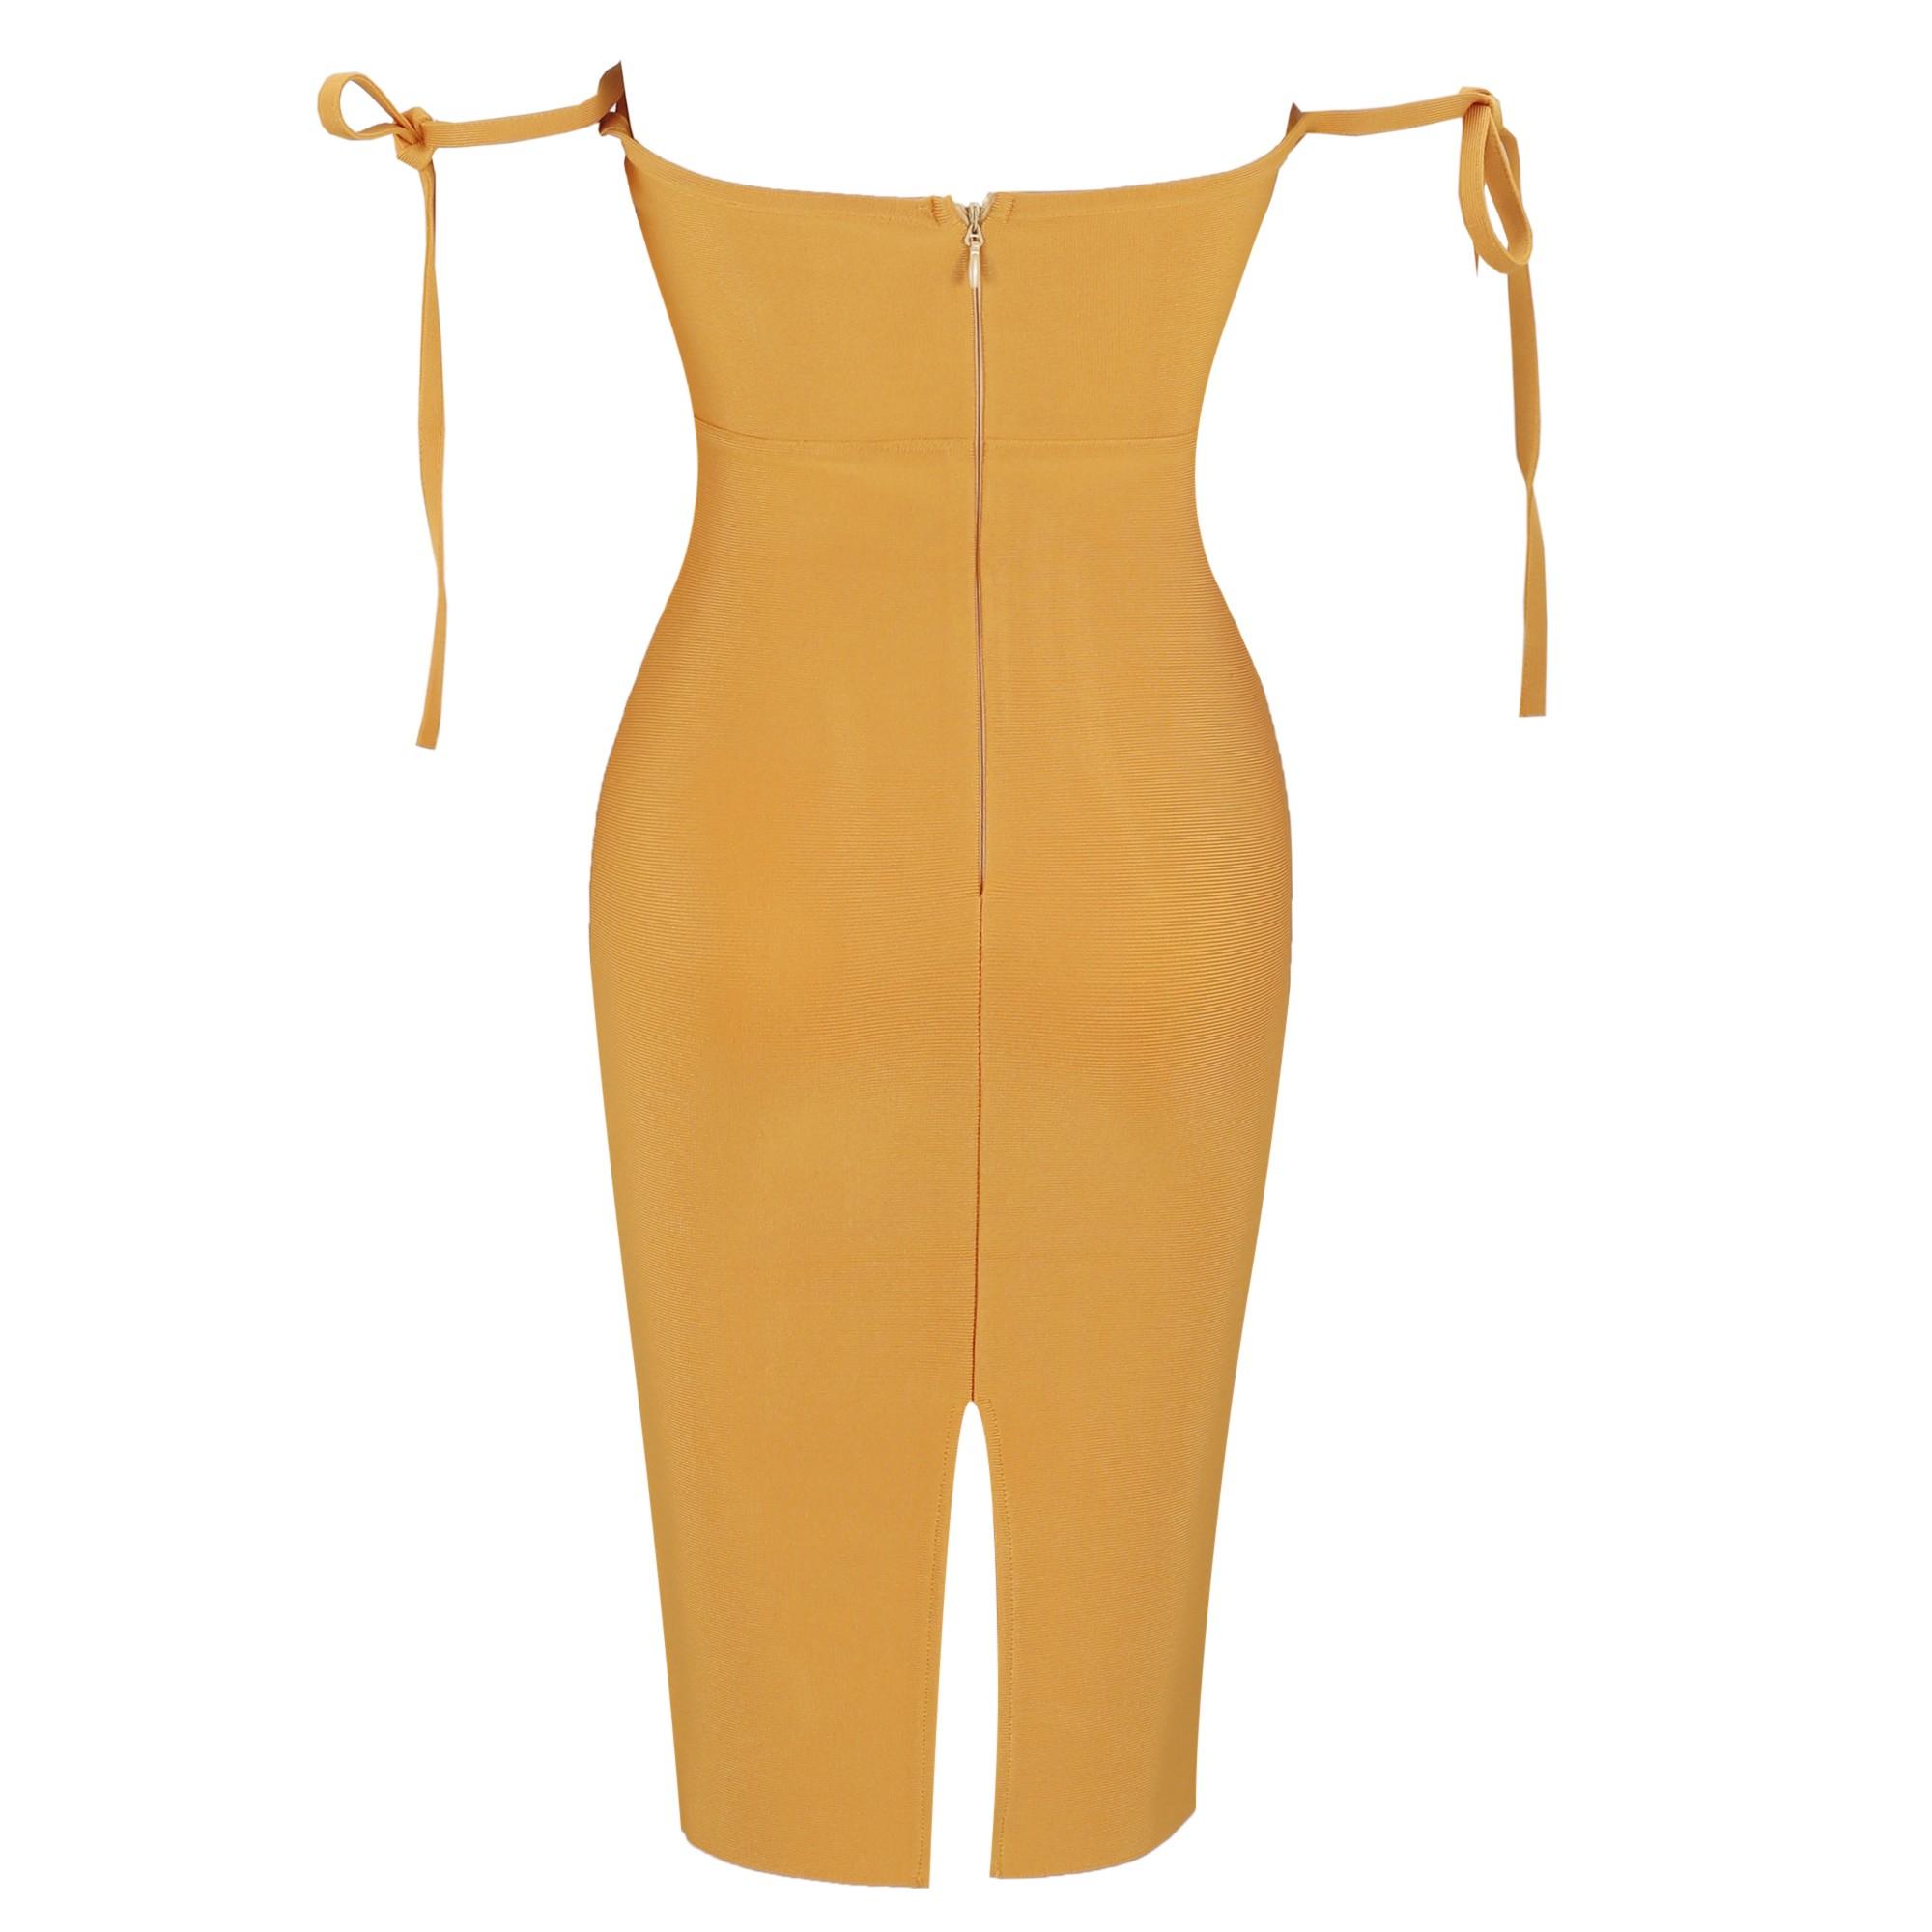 Orange Off Shoulder Sleeveless Mini High Quality Bandage Dress HQ251-Orange